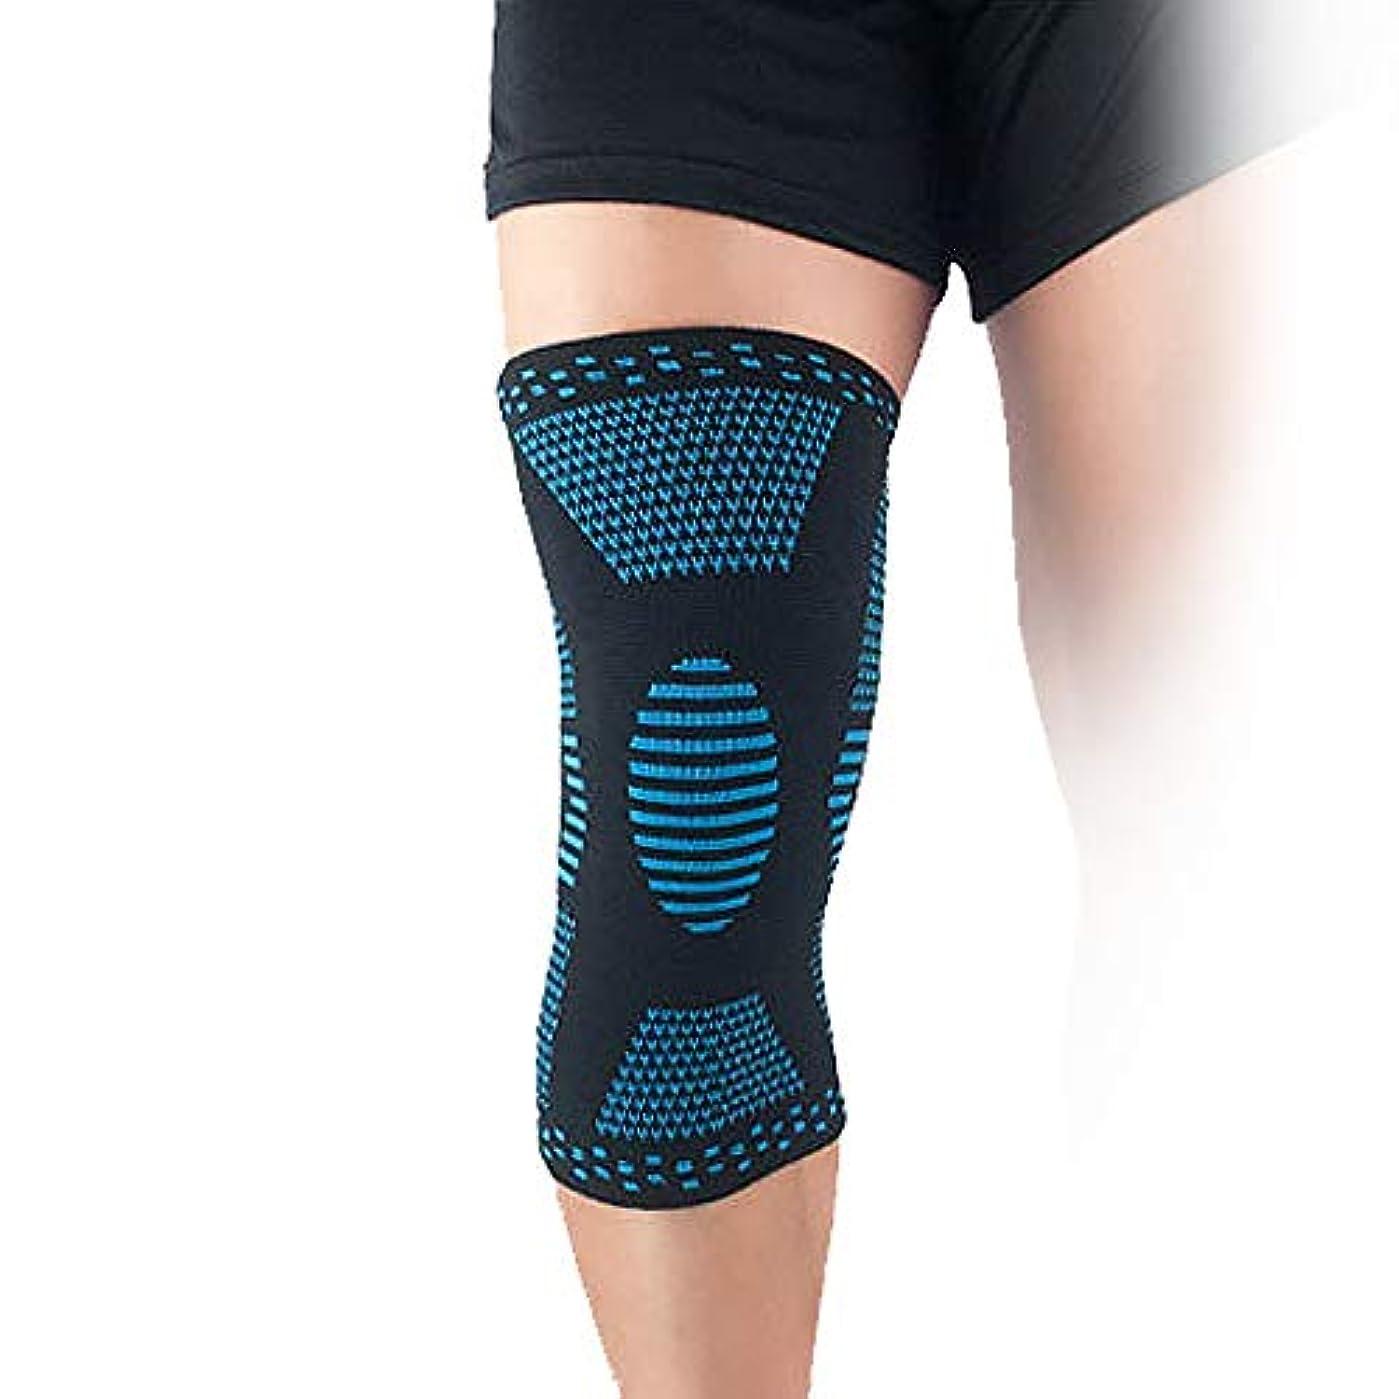 テザーブレイズ少数膝サポーターブレースコンプレッションスリーブ - 関節痛、関節炎、靭帯損傷、半月板裂傷、腱炎、黒、青、グレー